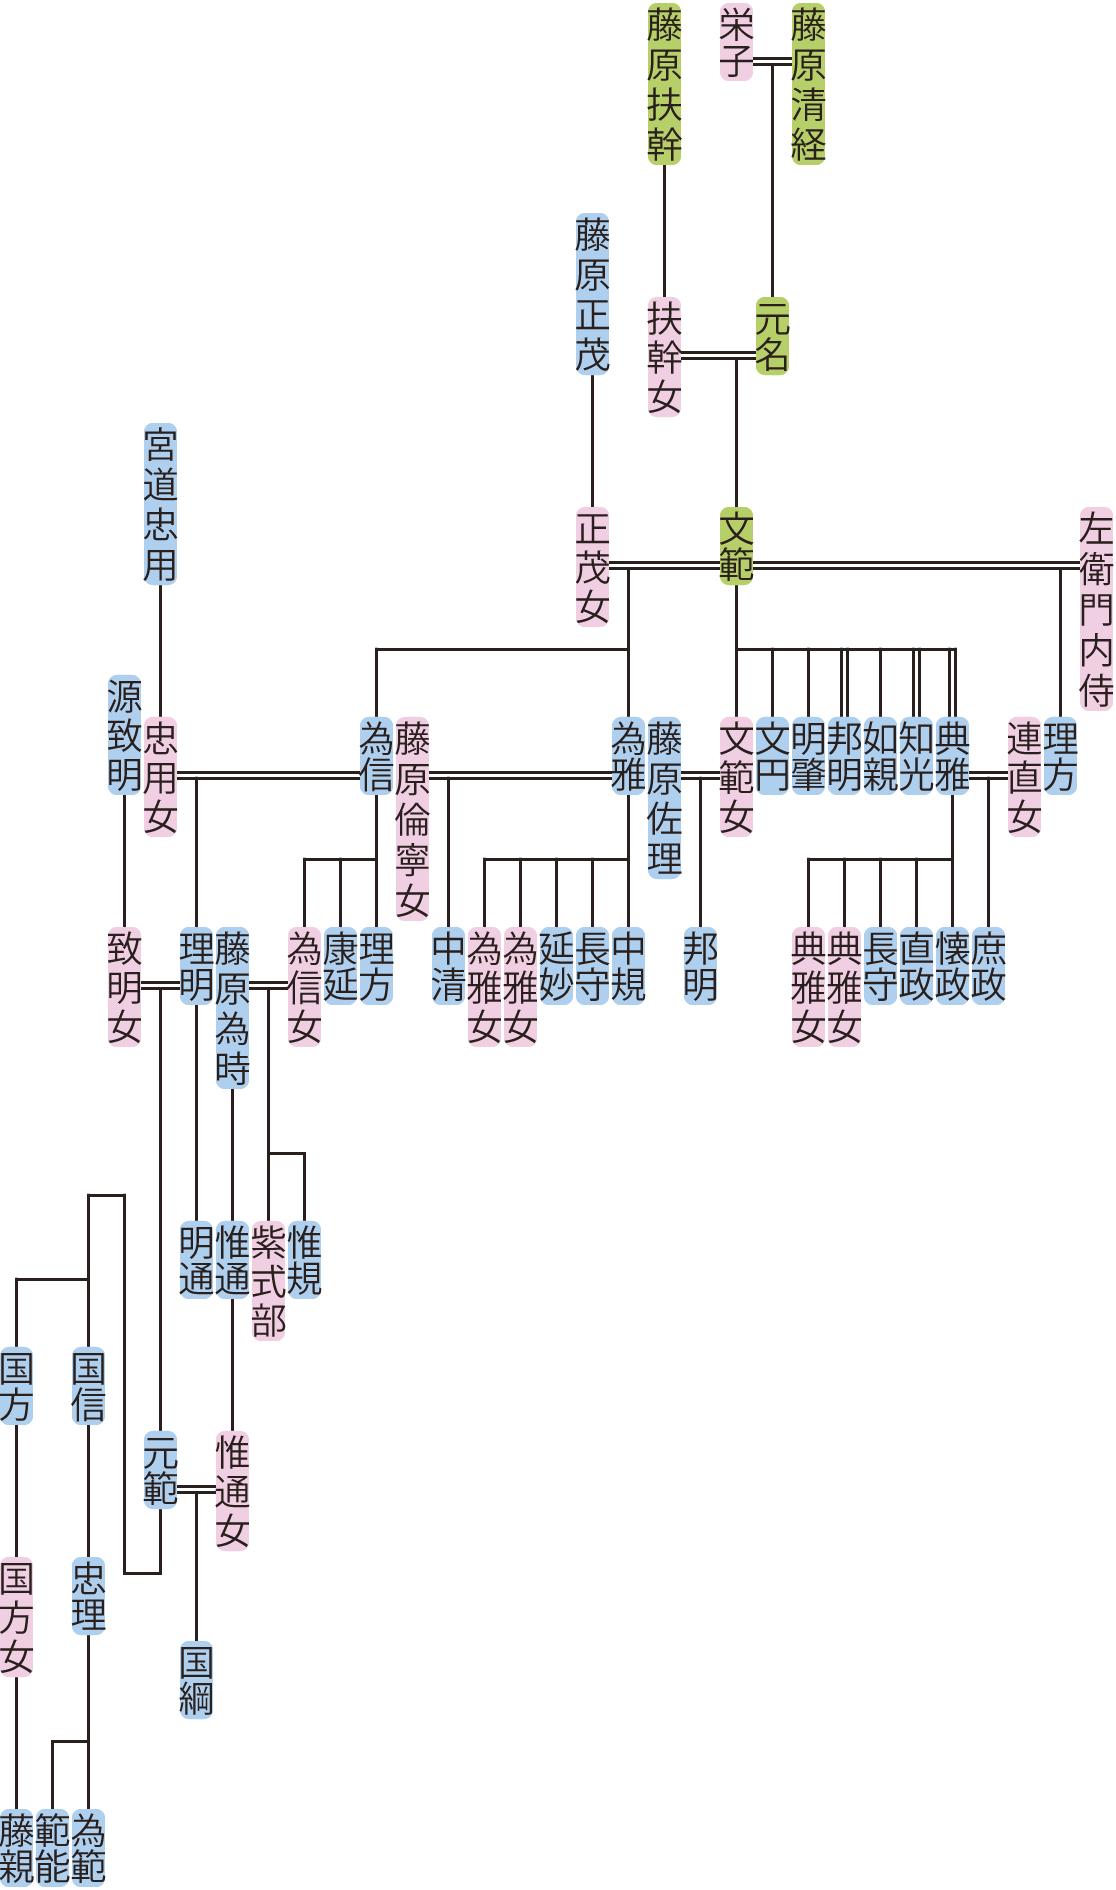 藤原文範の系図